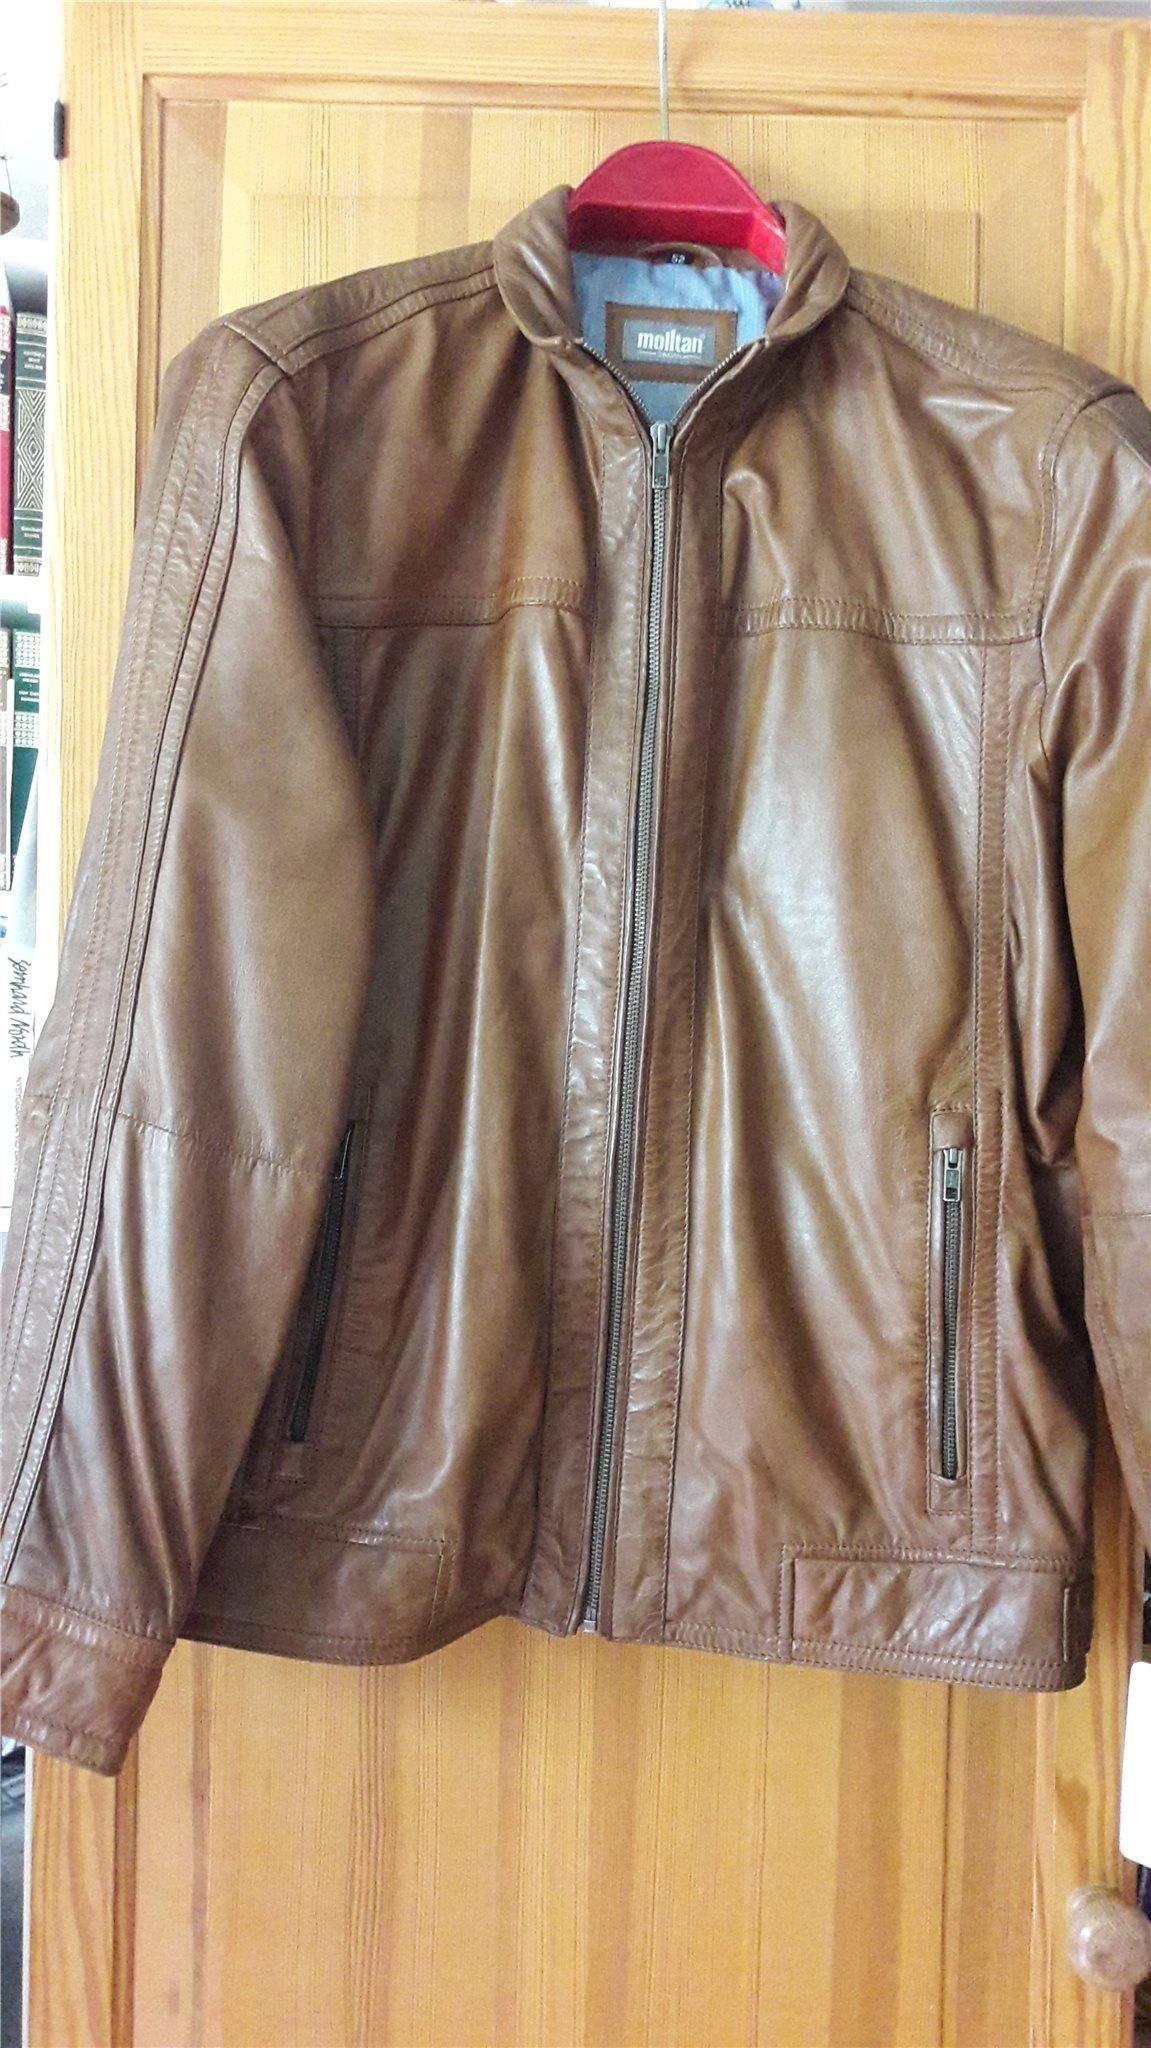 Ny skinnjacka till herr stl 52 (401124246) ᐈ Köp på Tradera